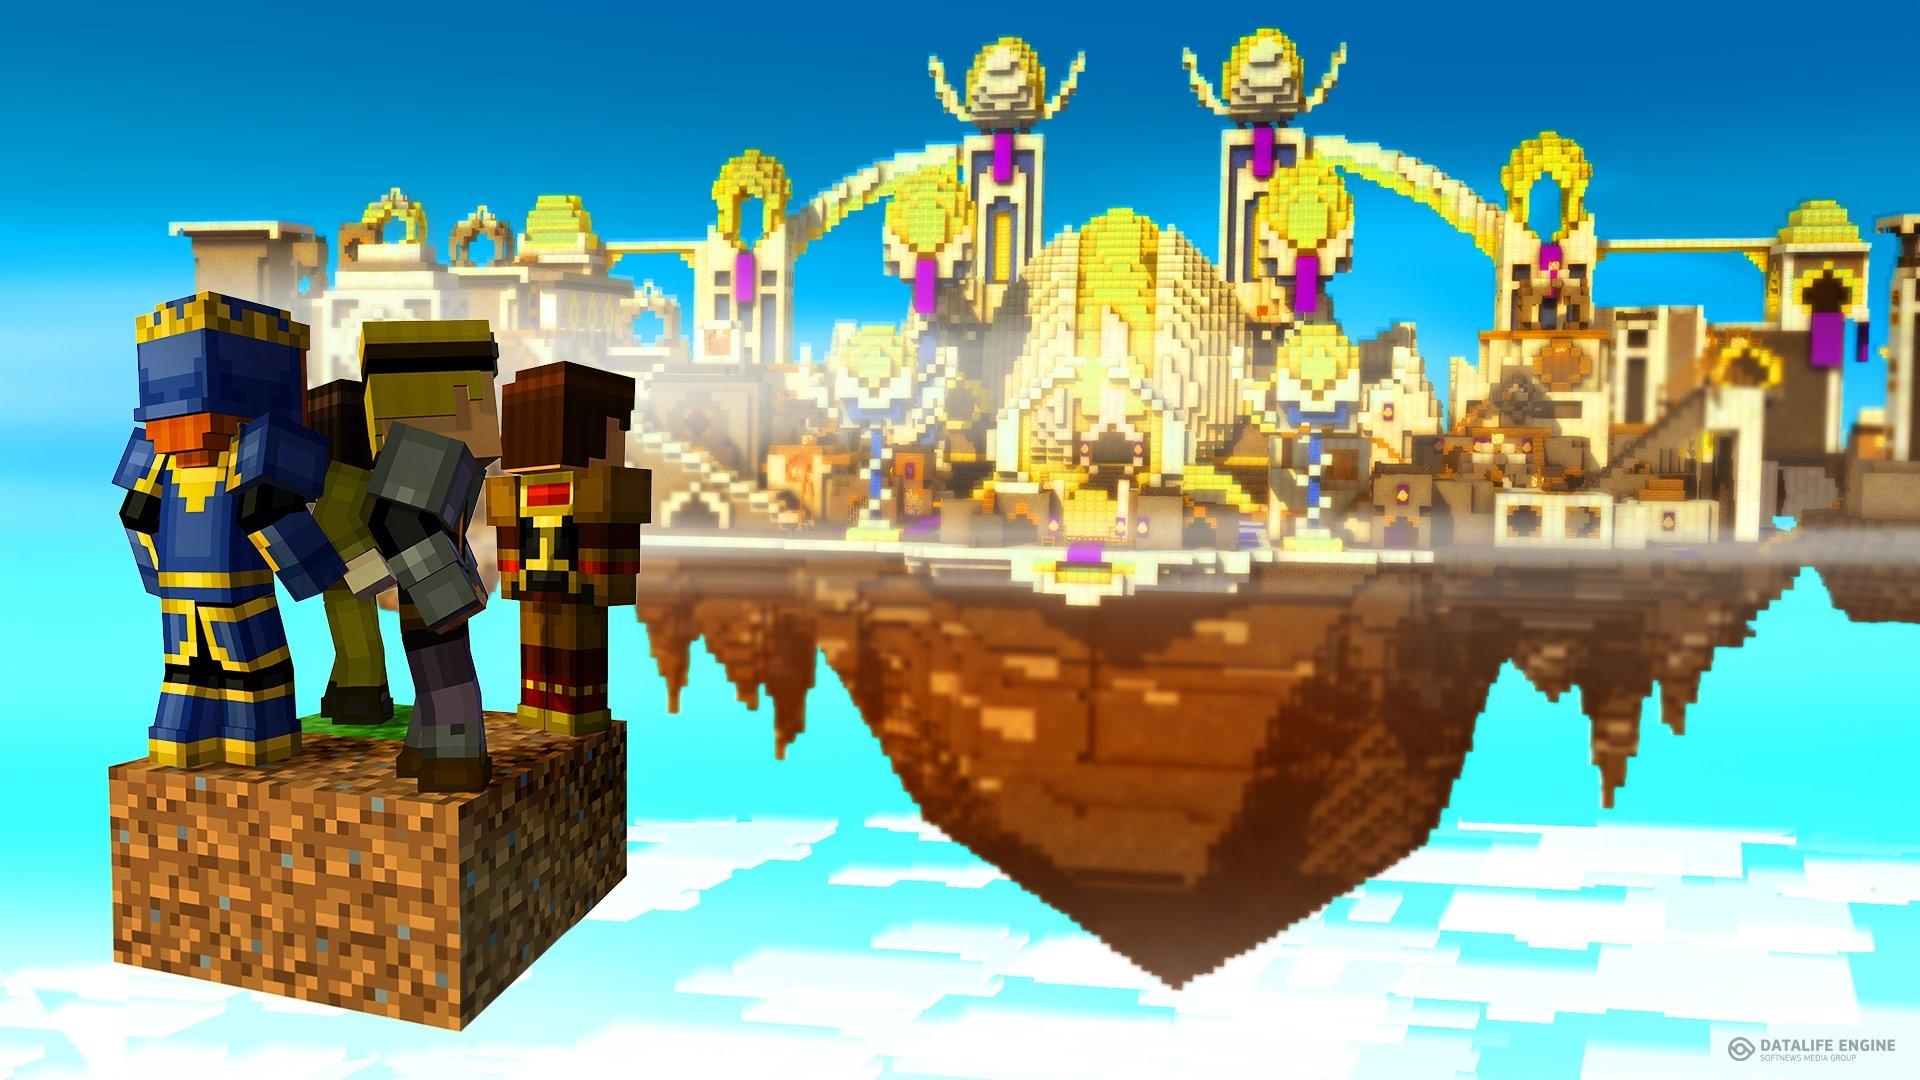 скачать игру minecraft:story mode #11